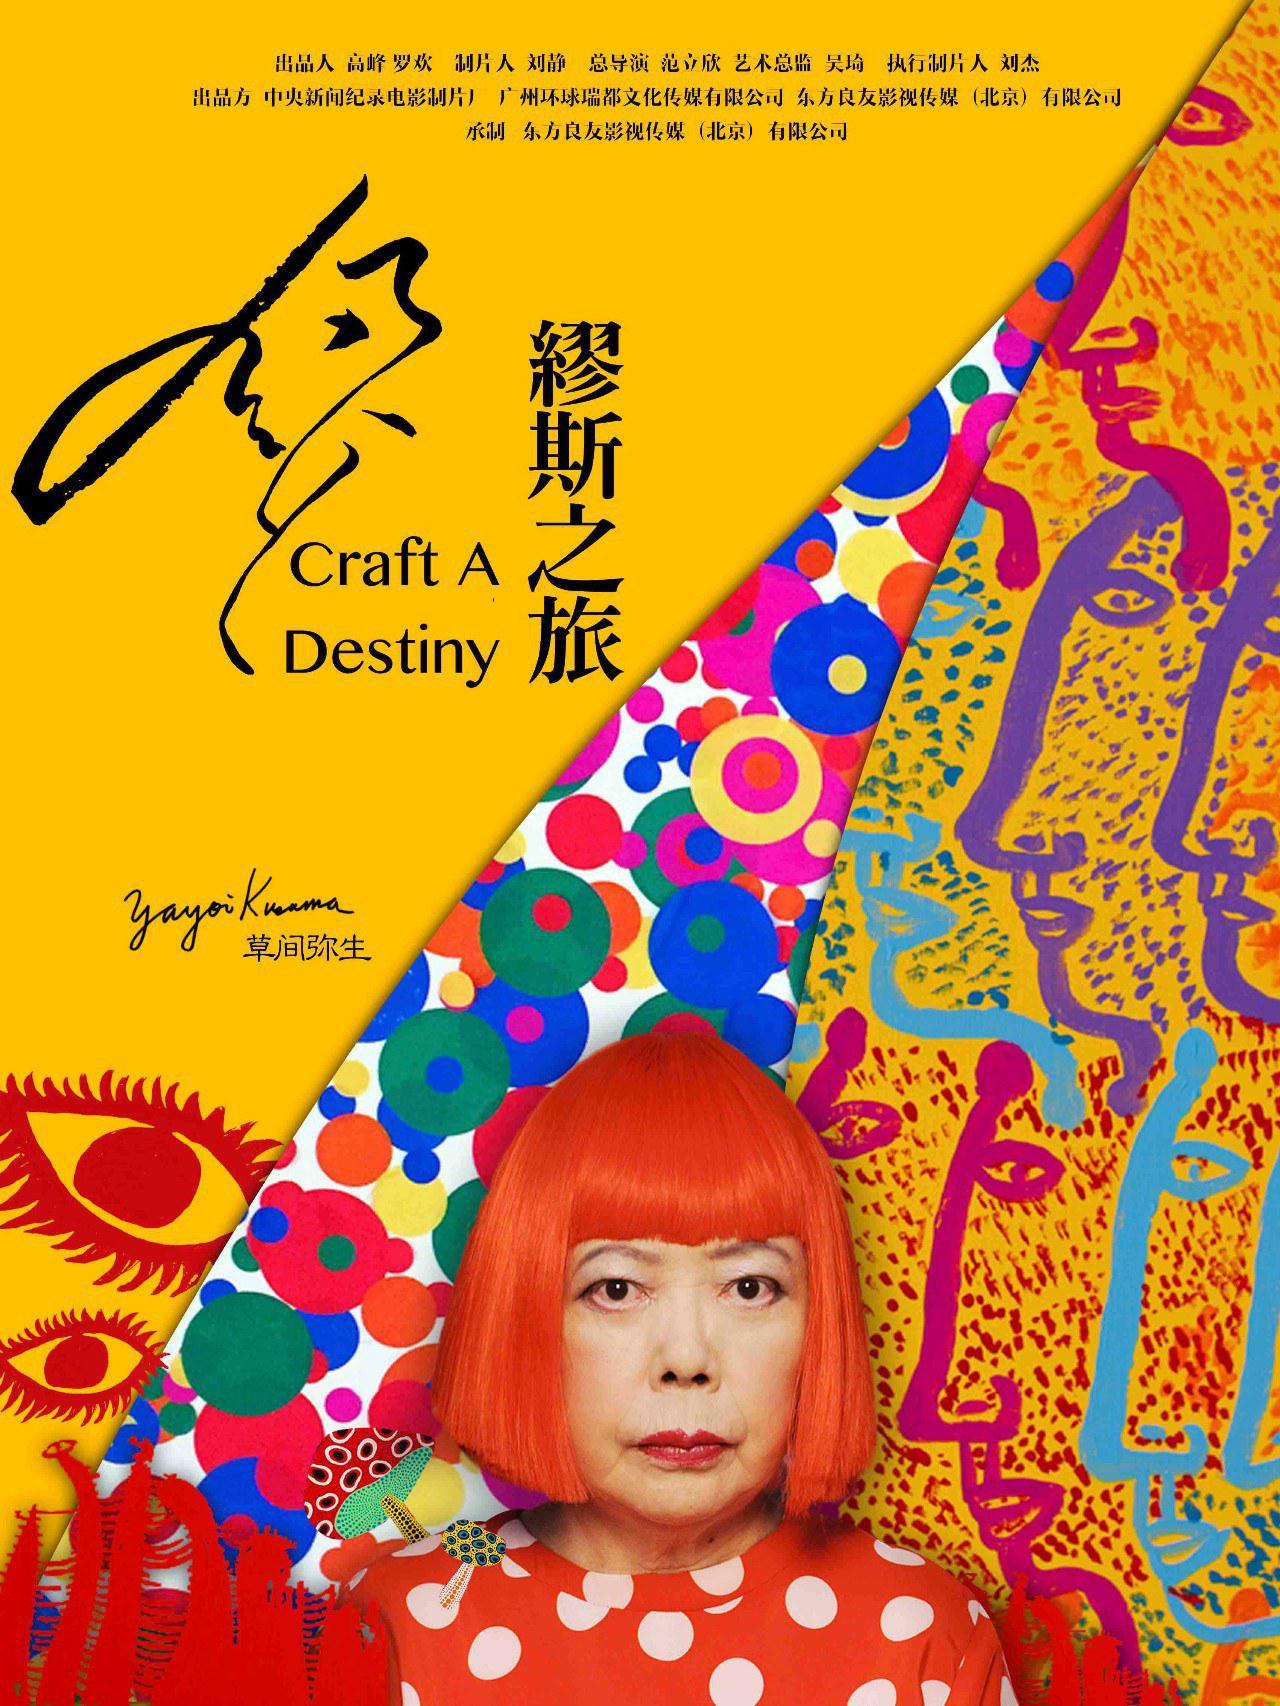 纪录片 | 《缪斯之旅》传奇女艺术家的传奇人生经历-乌贼派